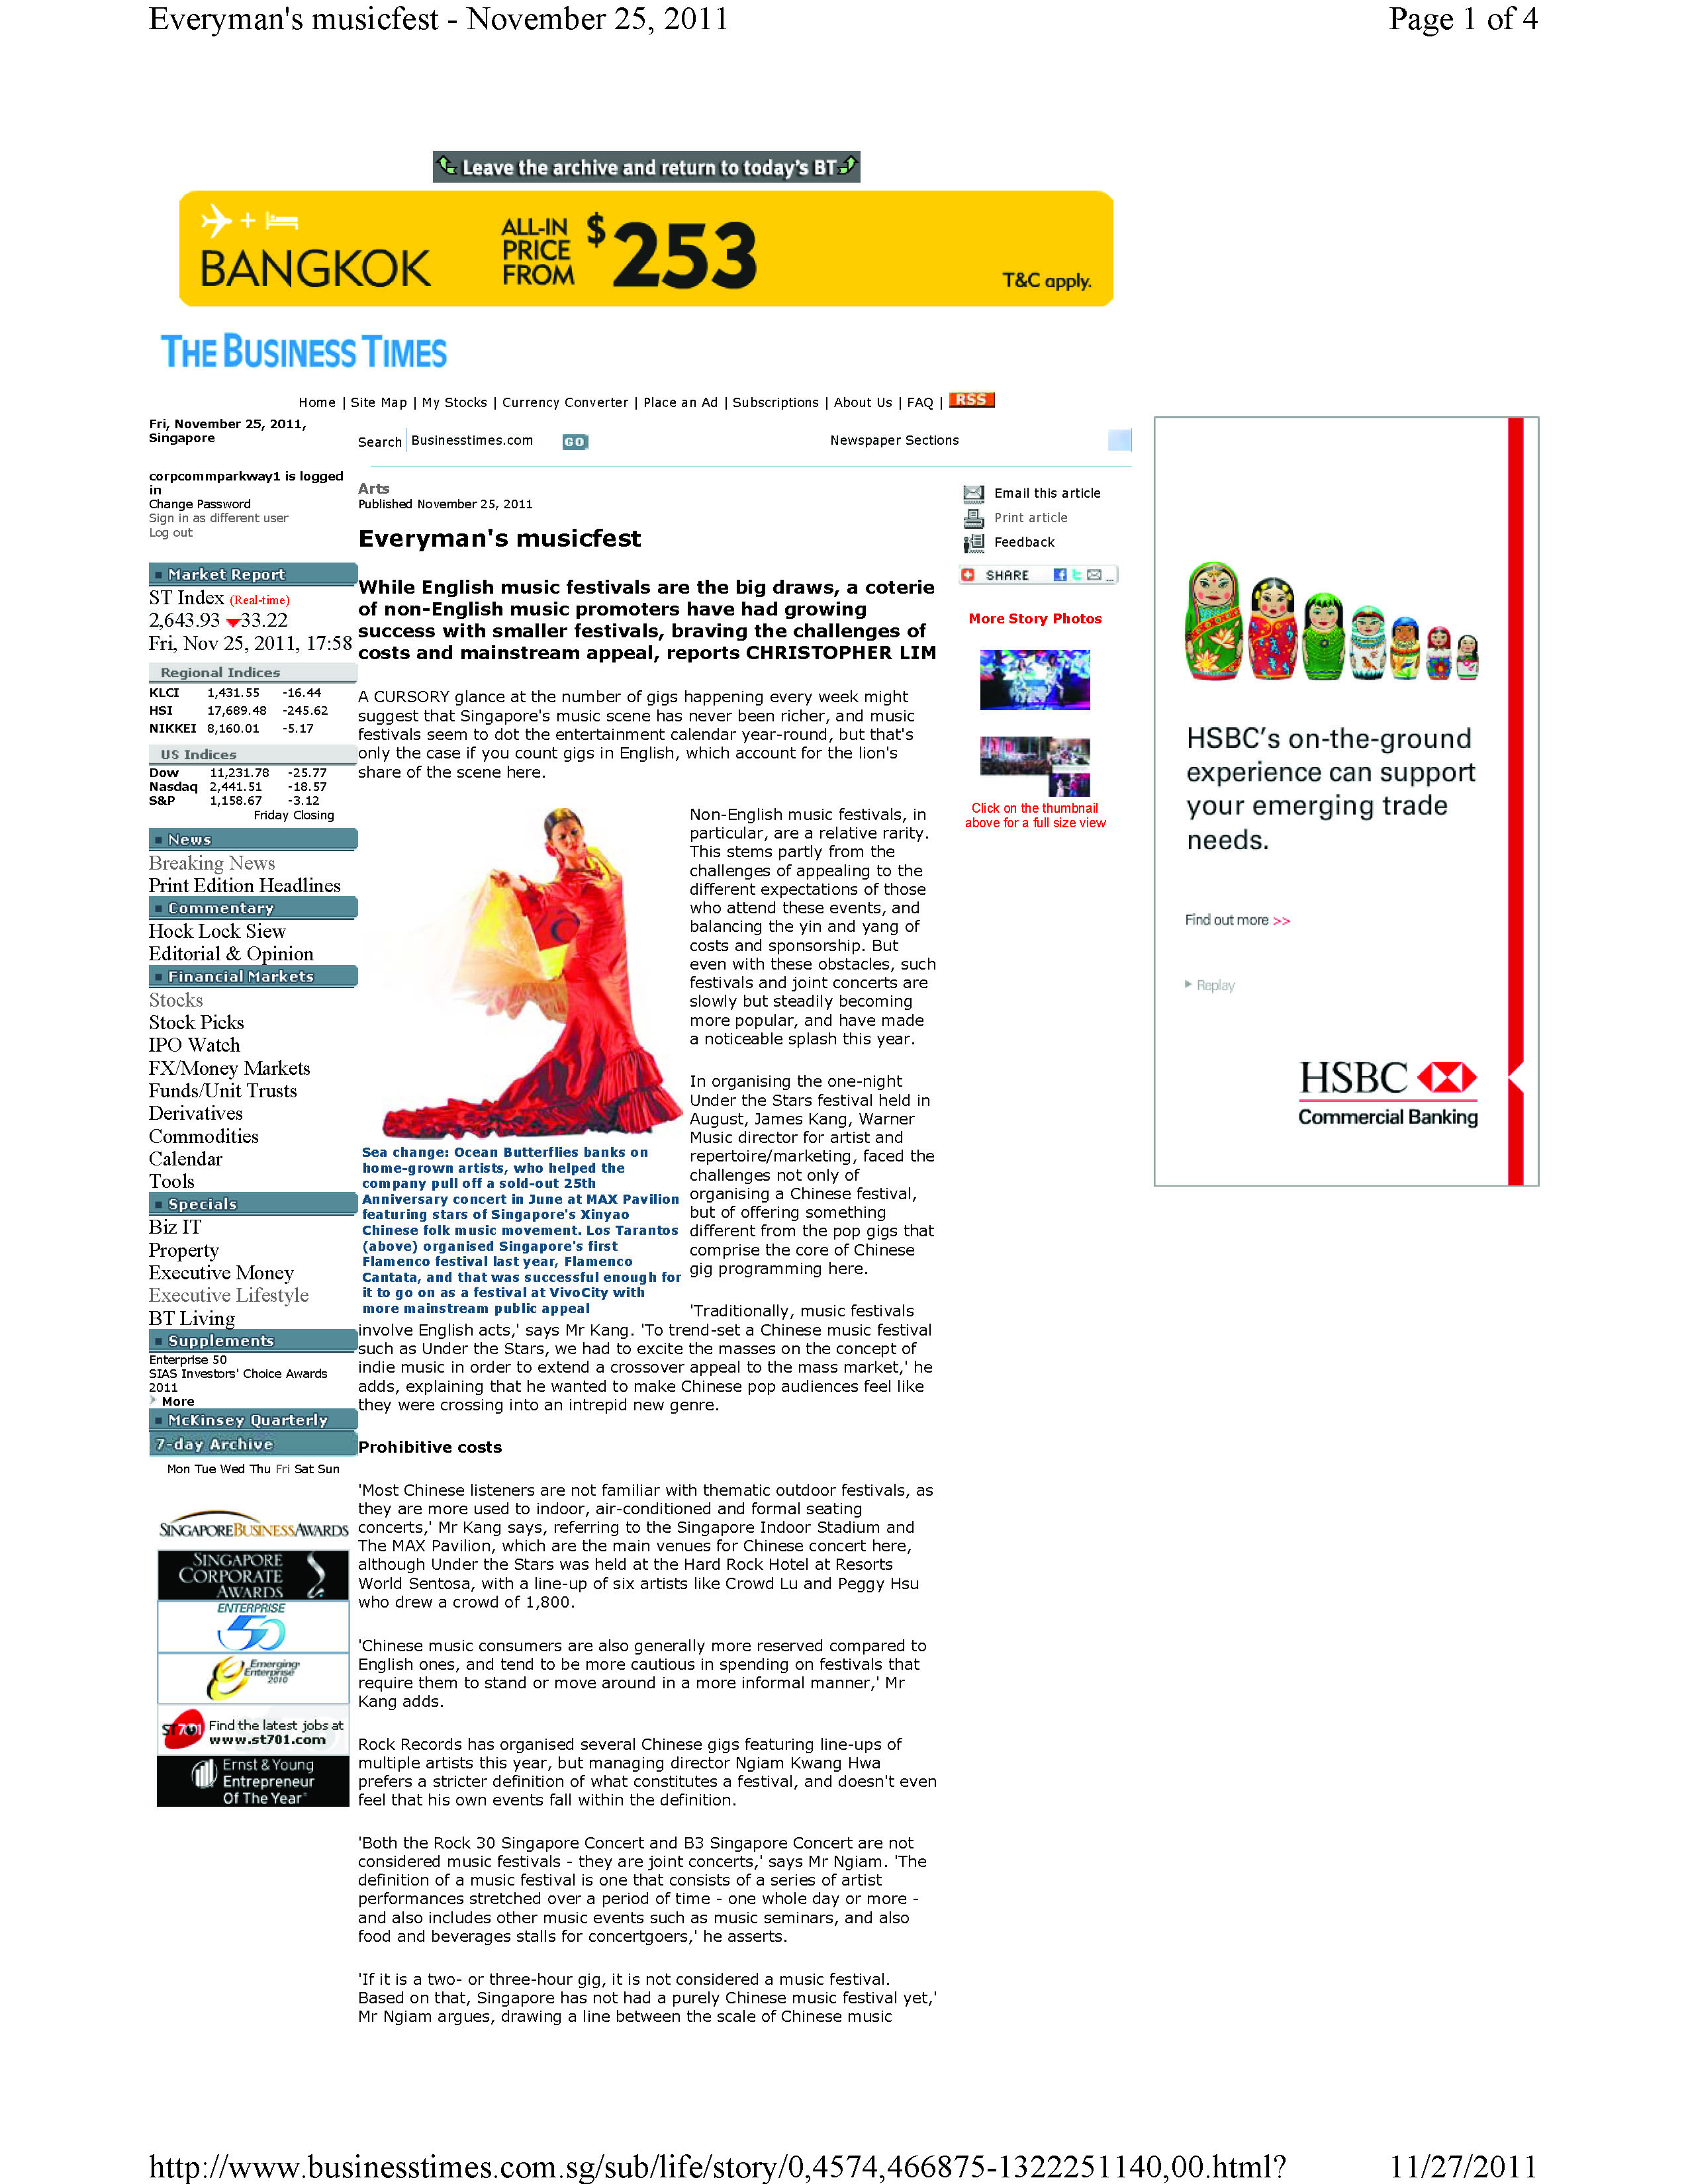 BT media article